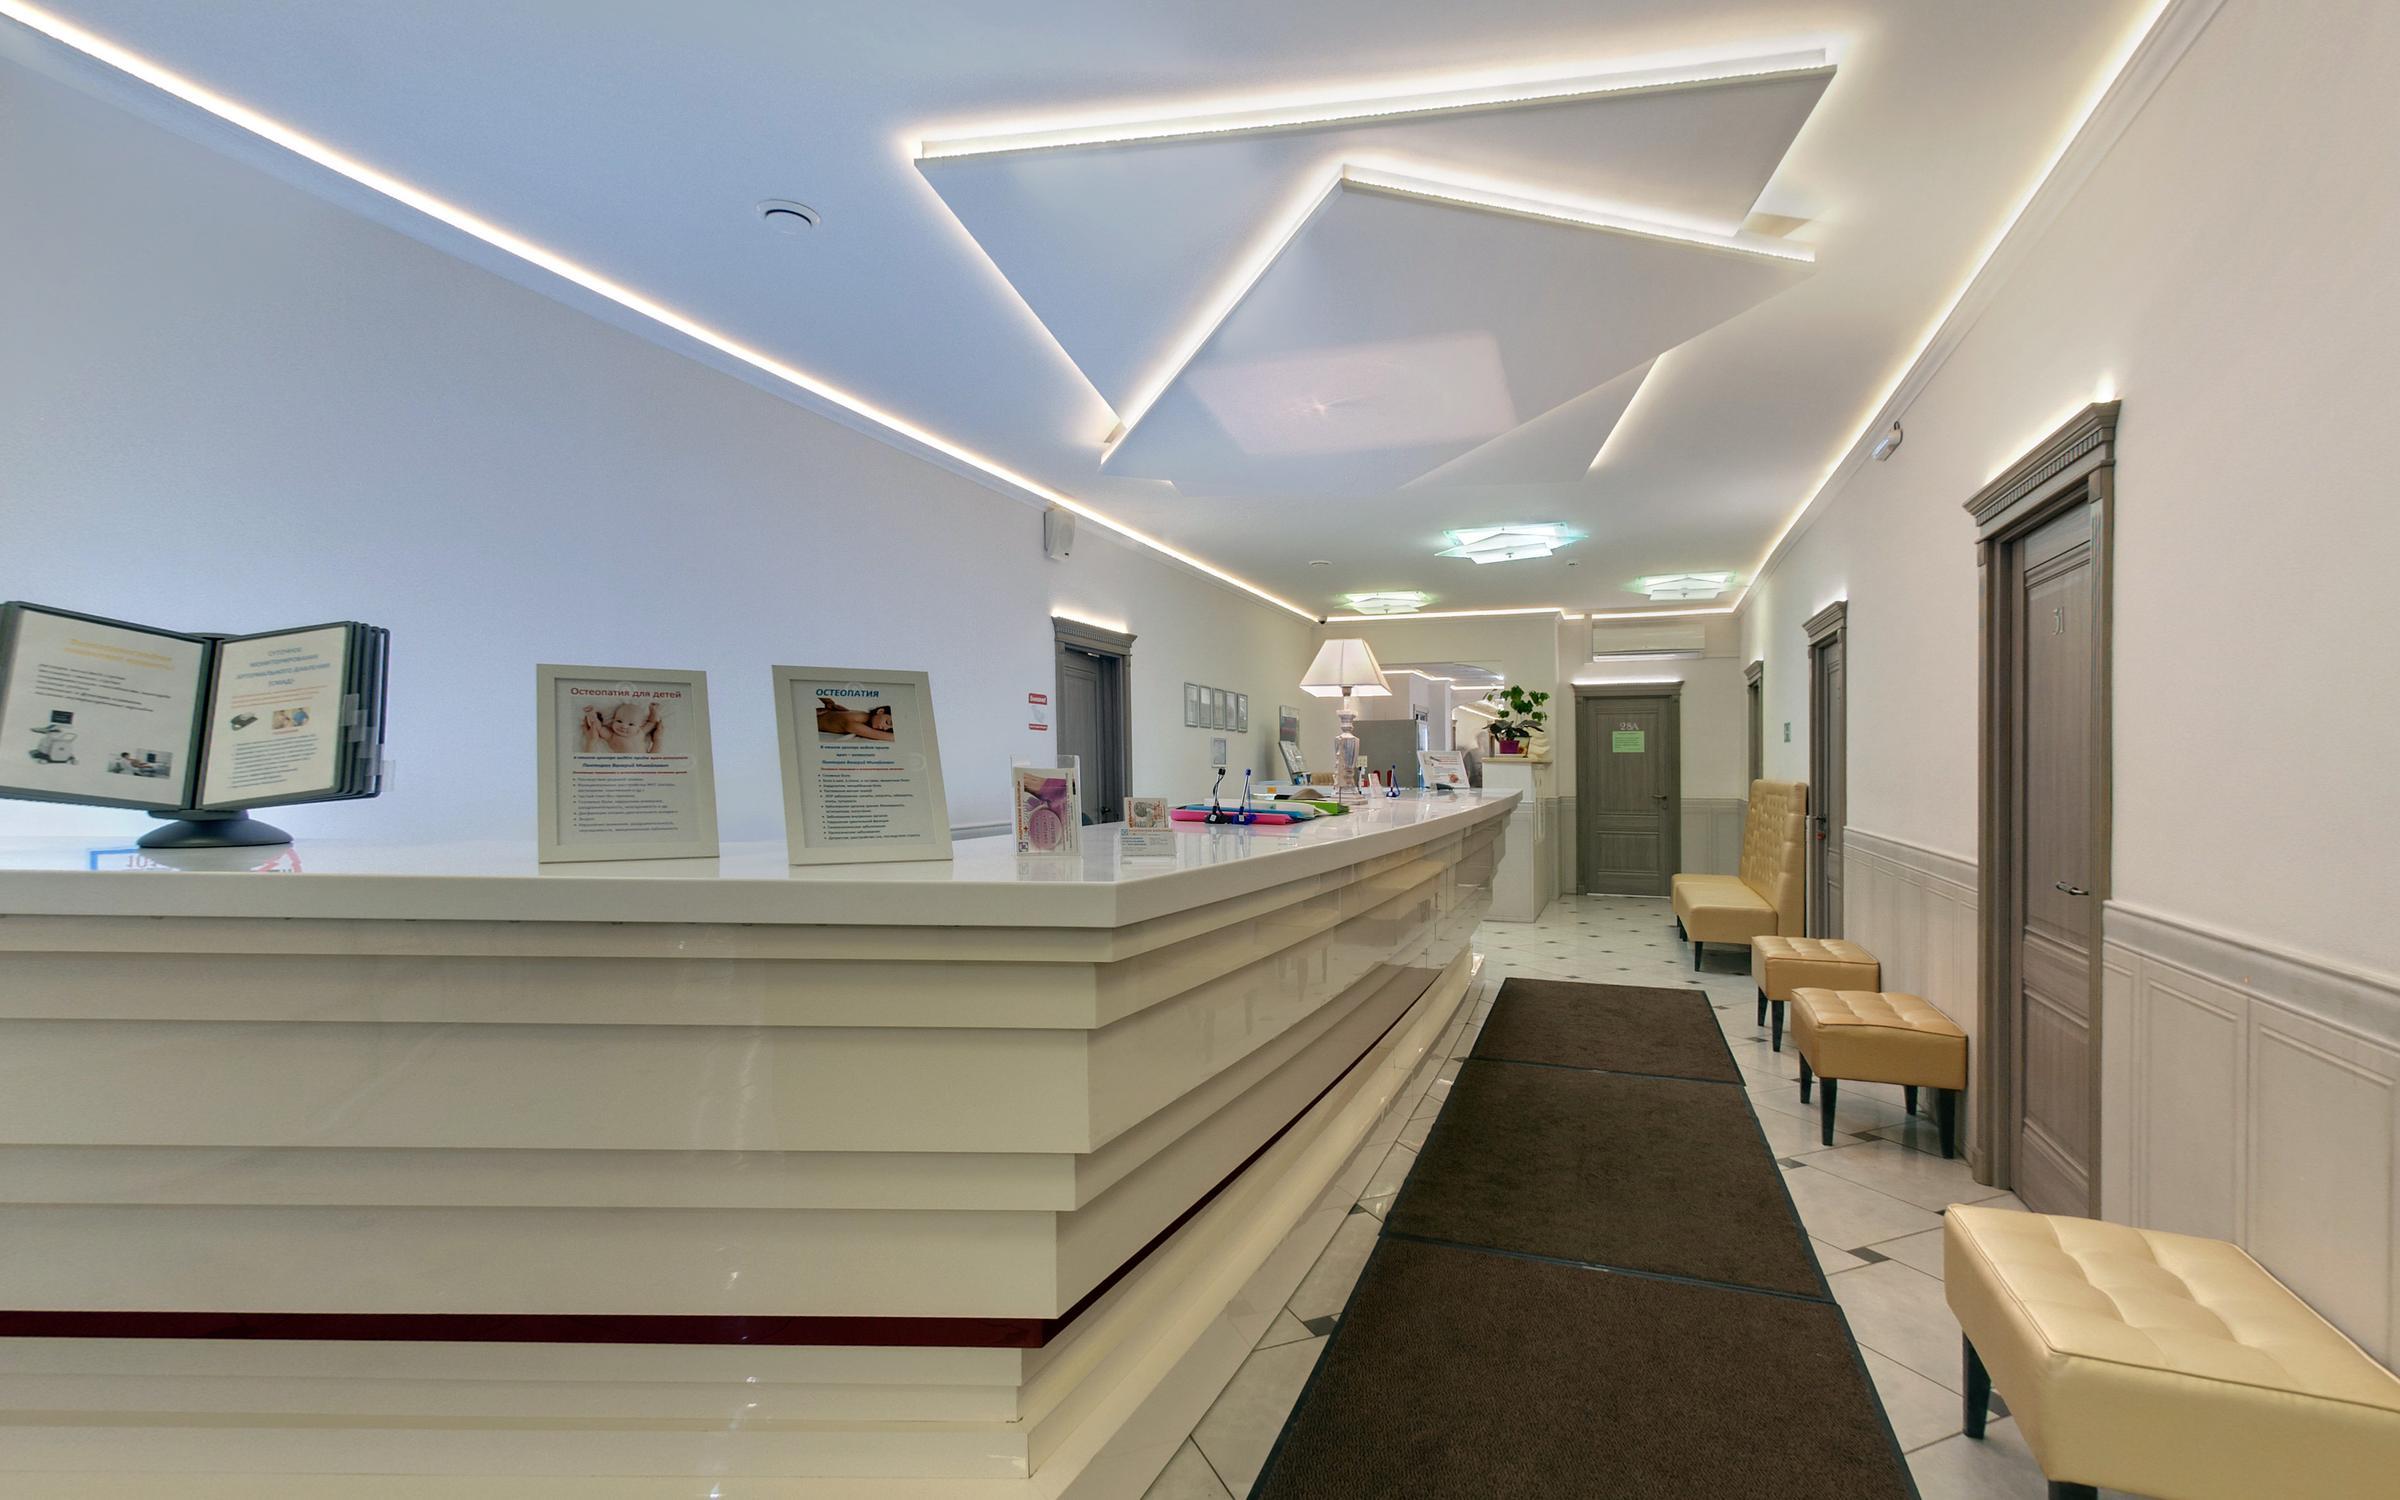 фотография Медицинского центра Андреевские больницы - НЕБОЛИТ на метро Мякинино